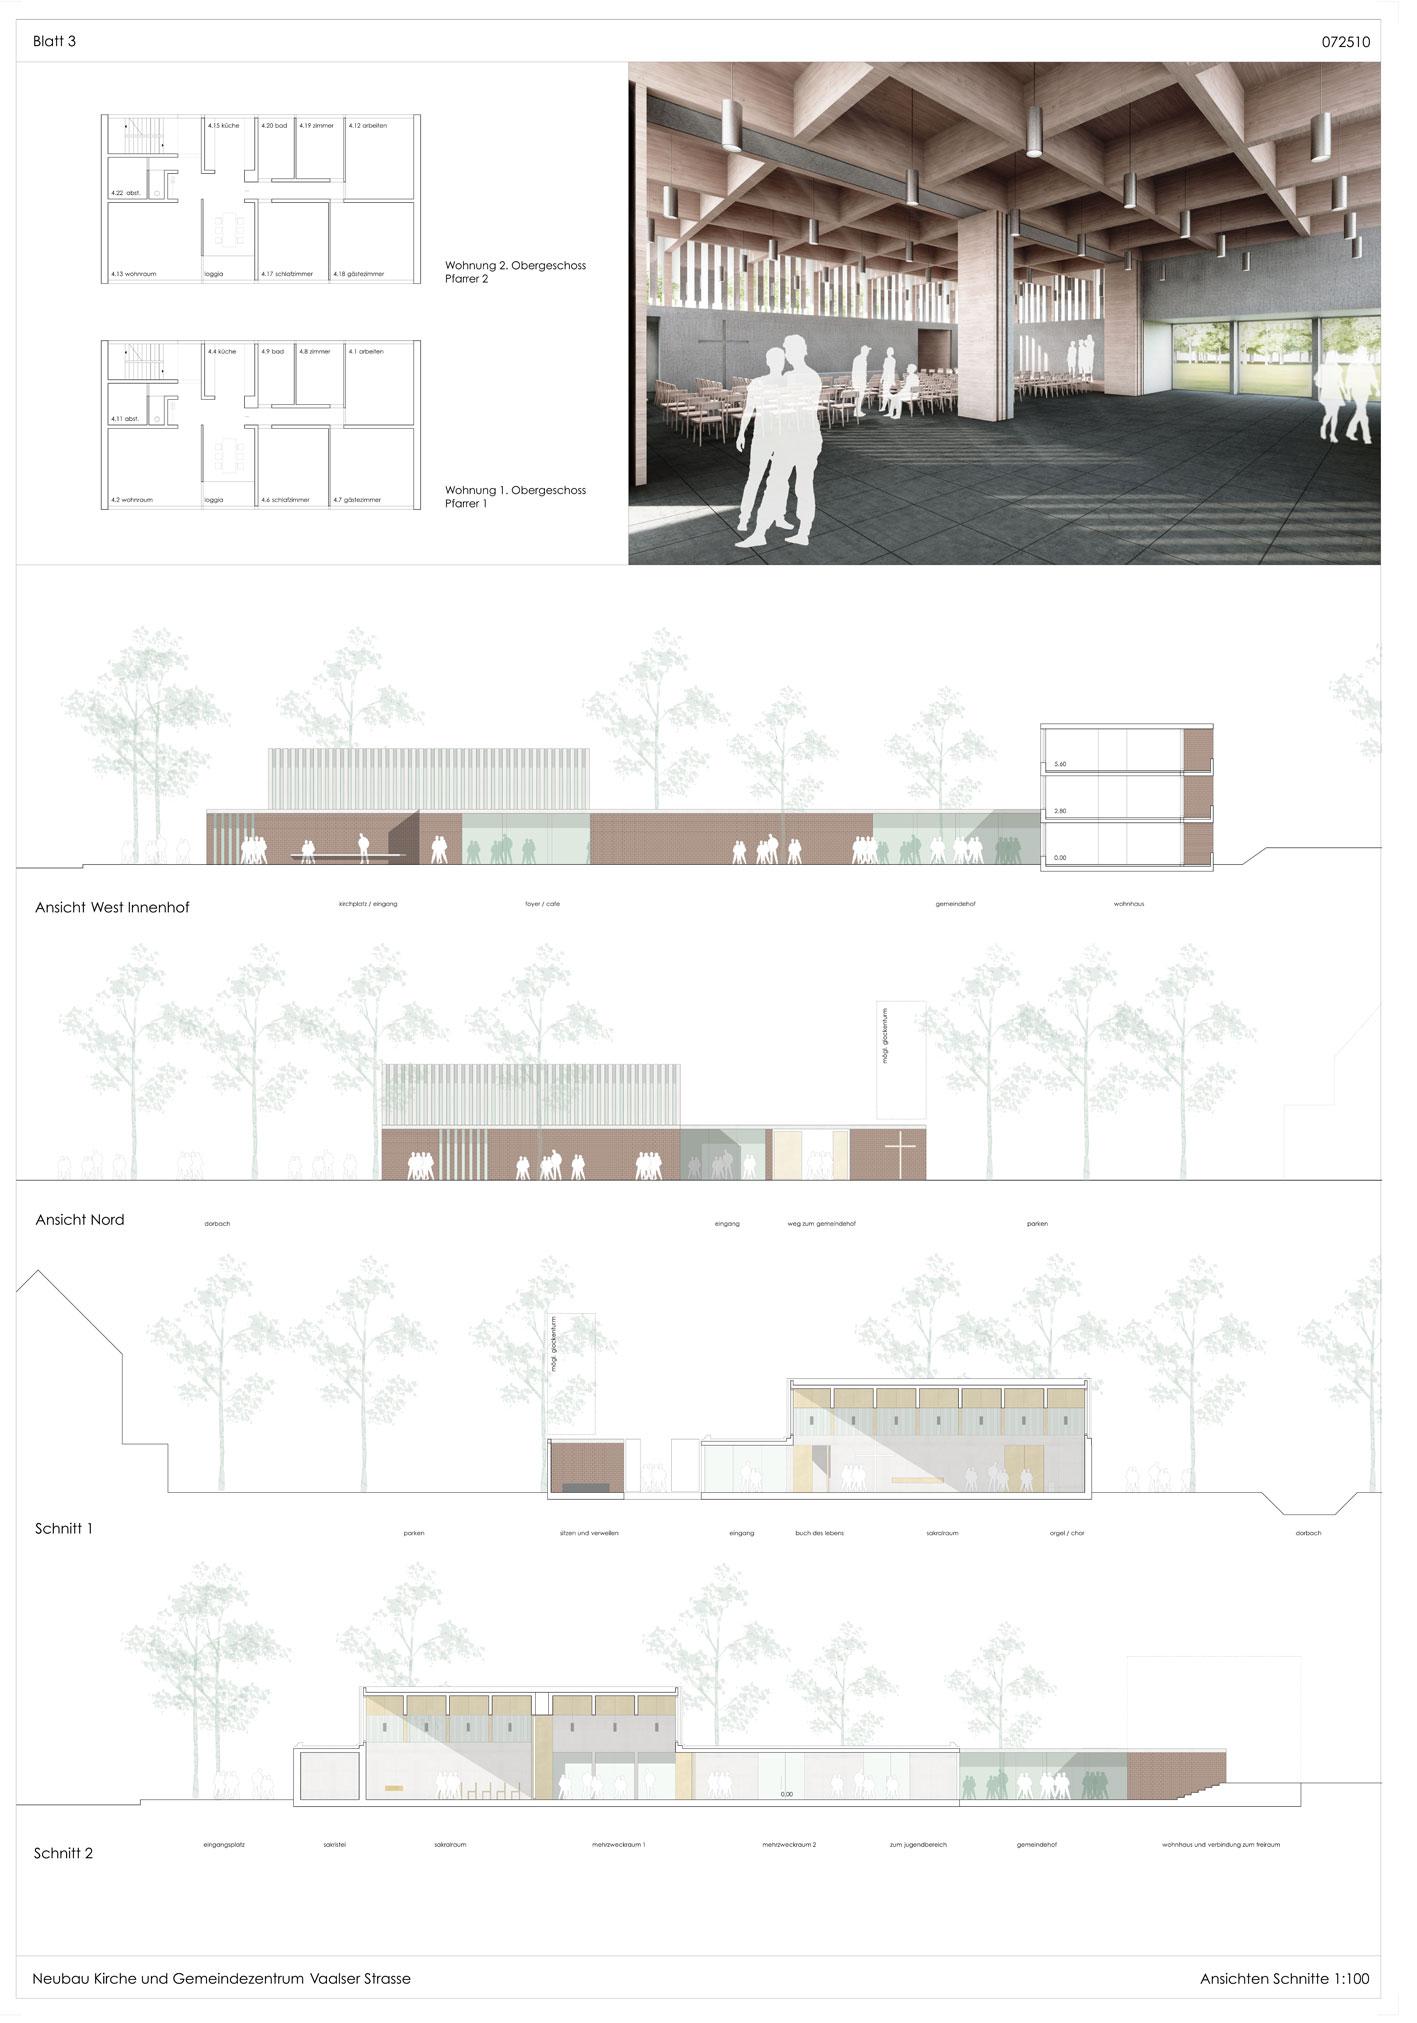 Ev. Kirchengemeinde Aachen: Architektenwettbewerb